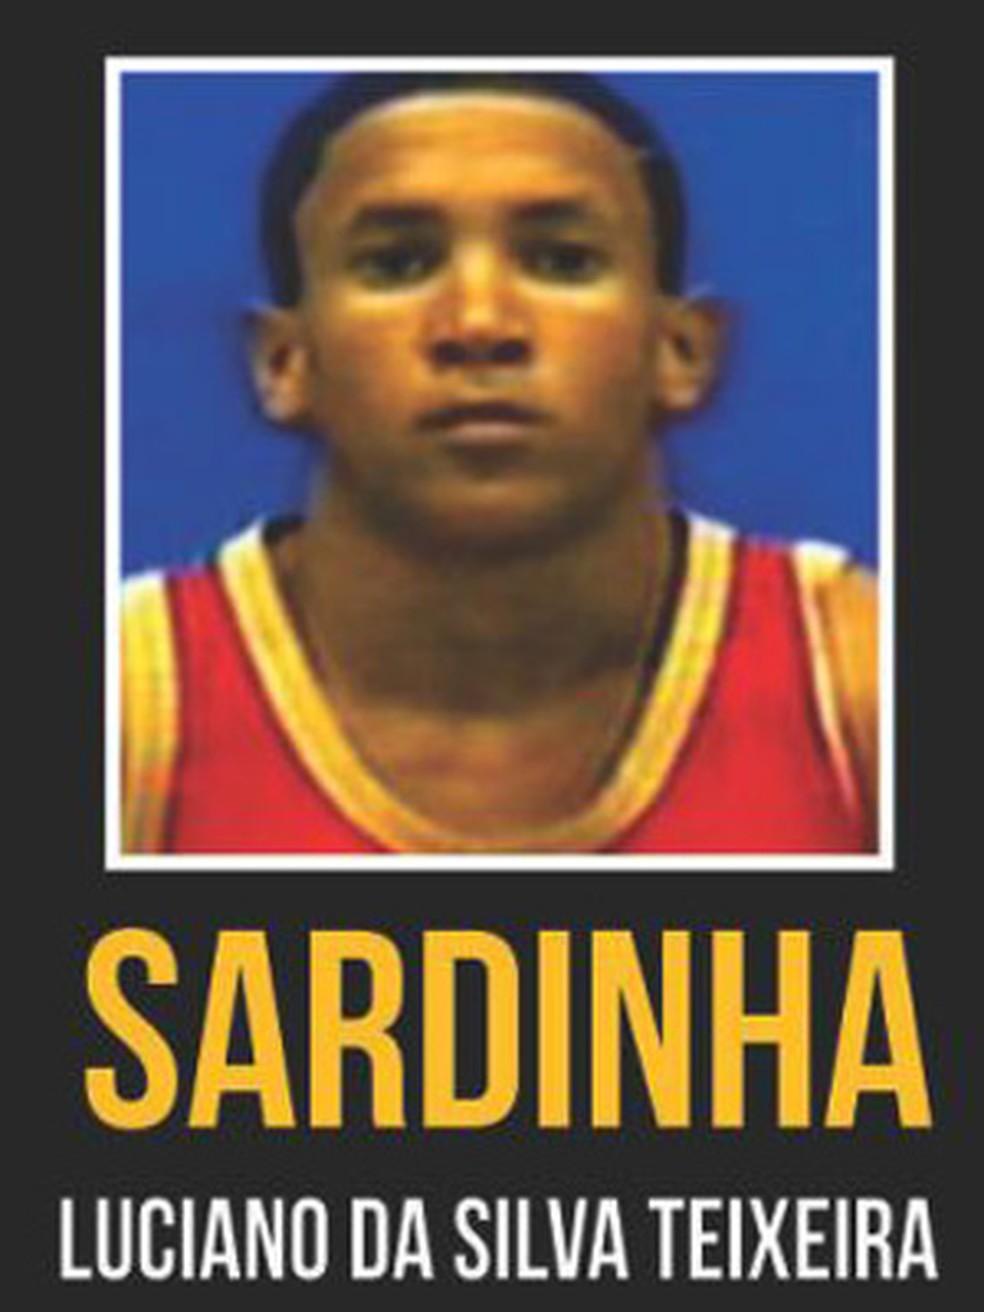 Luciano da Silva Teixeira, conhecido como Sardinha, seria o chefe do tráfico na Cidade de Deus — Foto: Reprodução/Site Disque-Denúncia